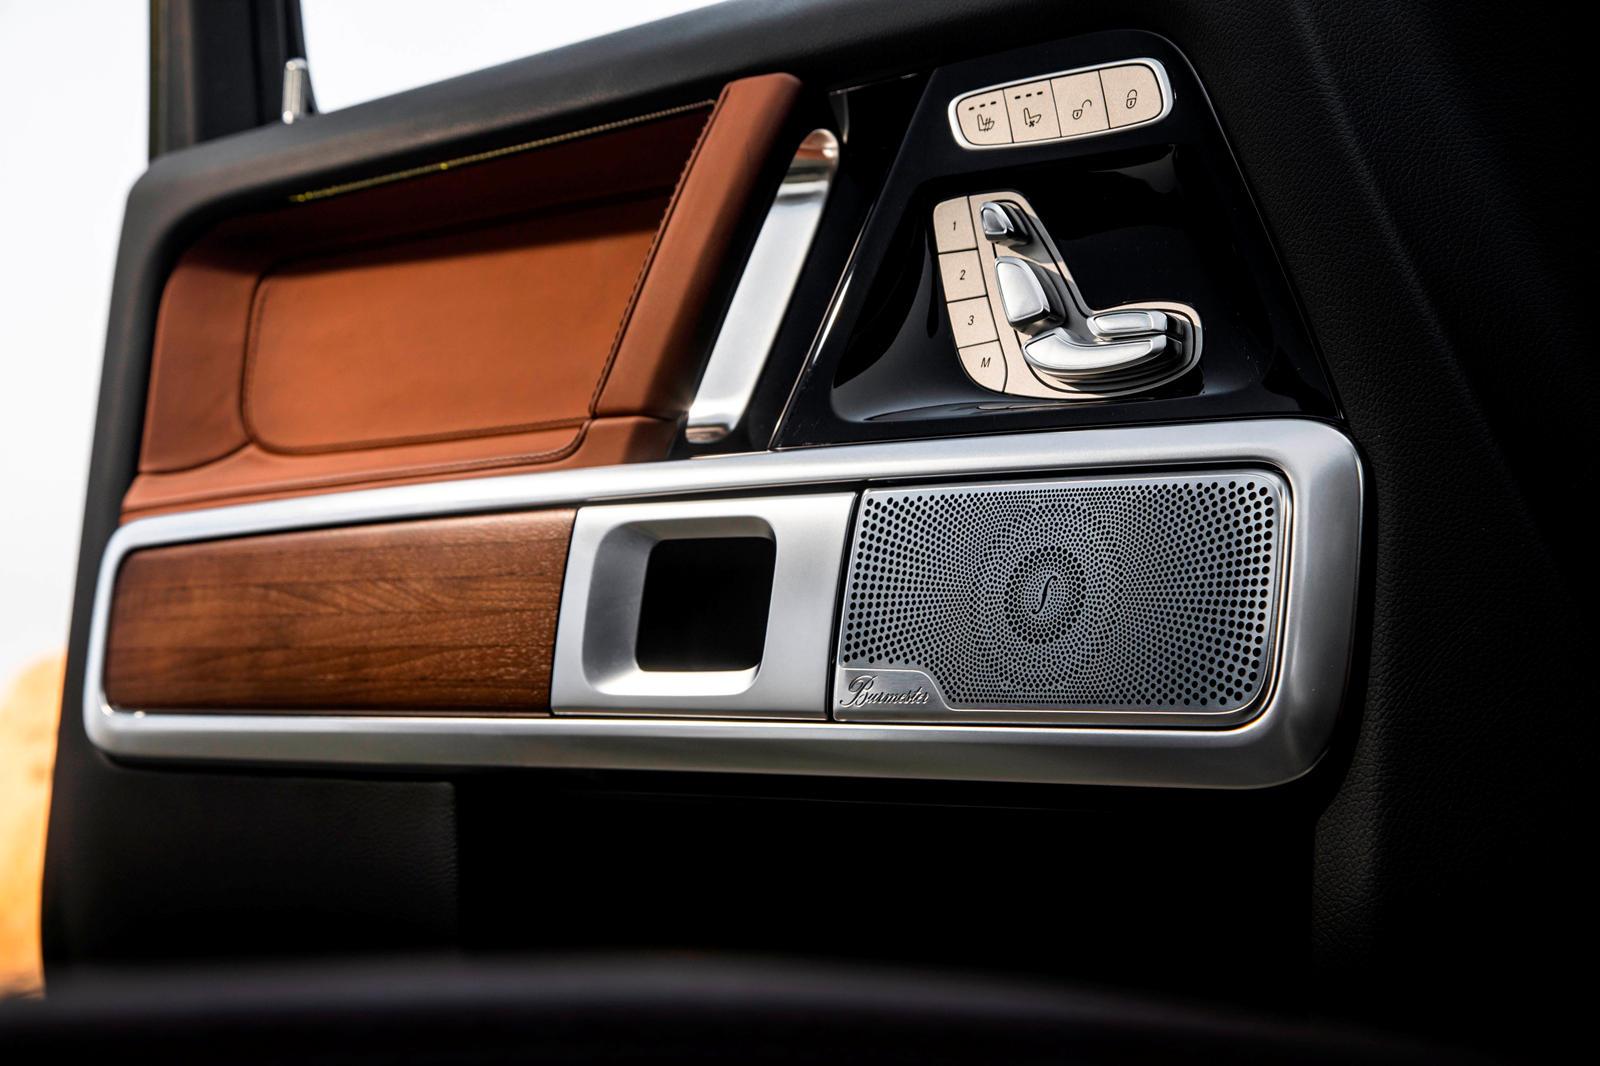 Mercedes G-Class Burmester Music System